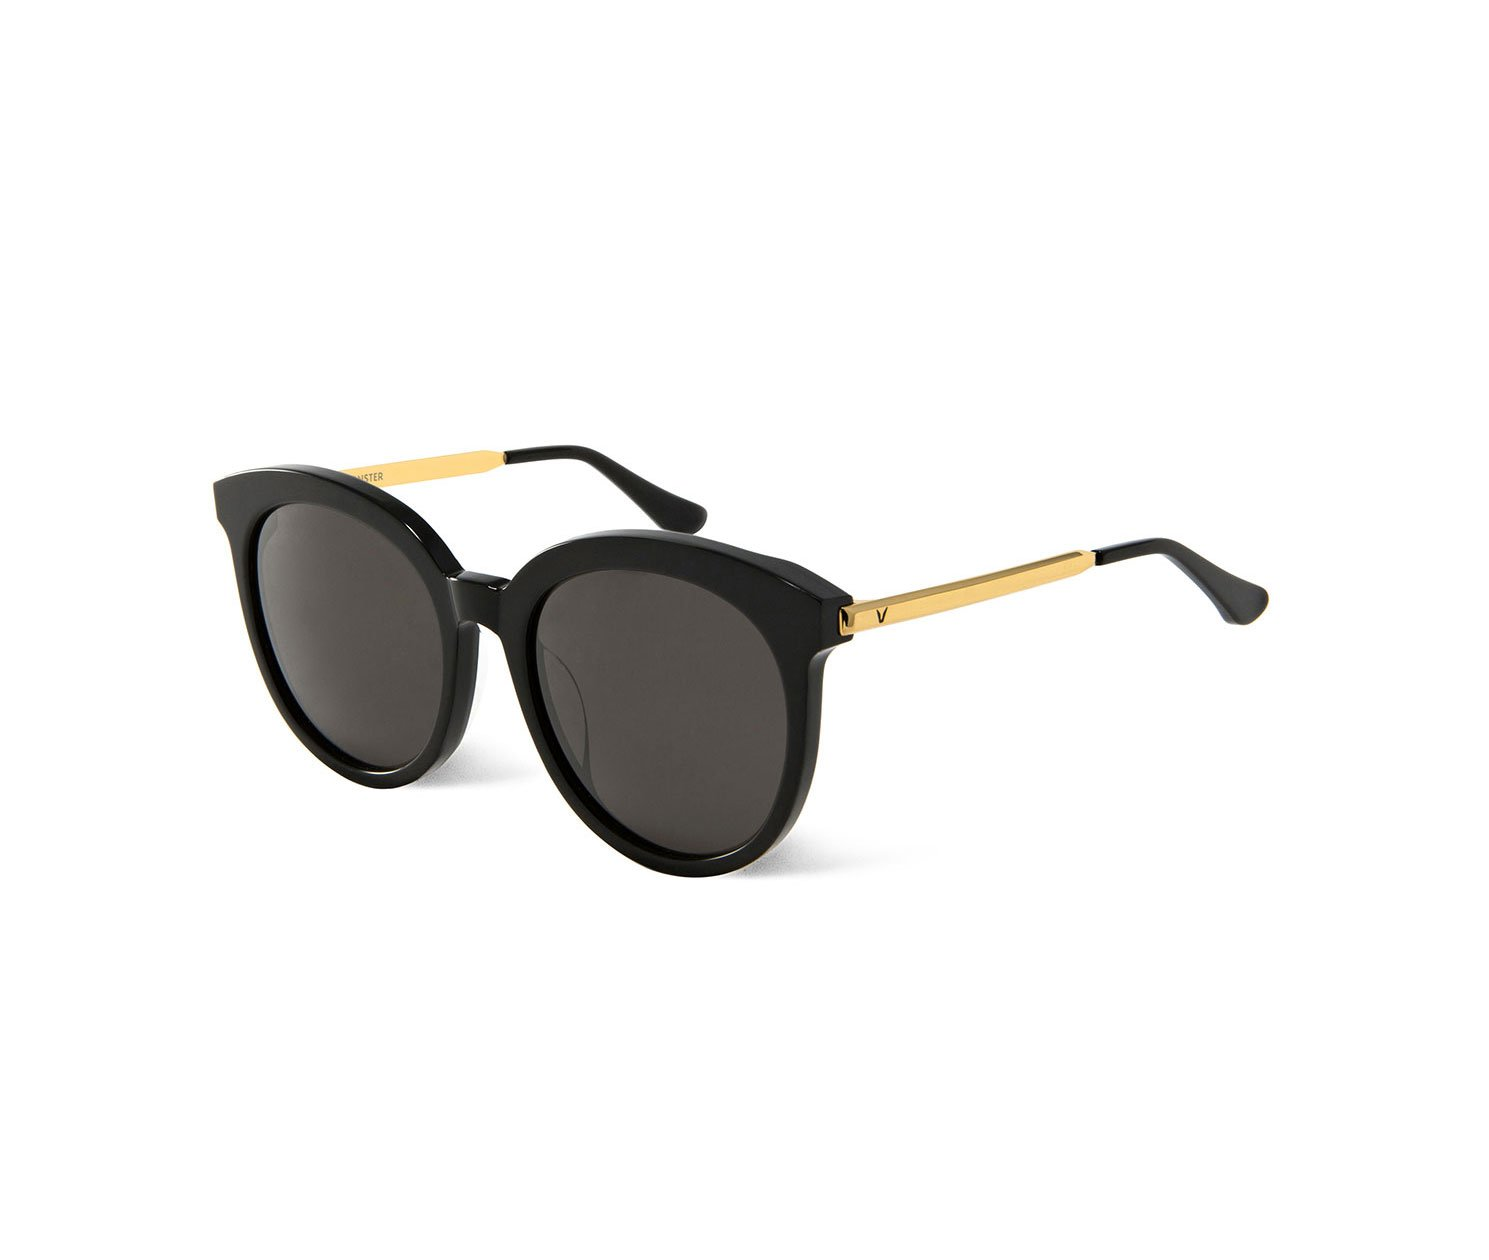 88c2d036f5d7 Gentle Monster Lovesome Sunglasses For Unisex (01 Gold